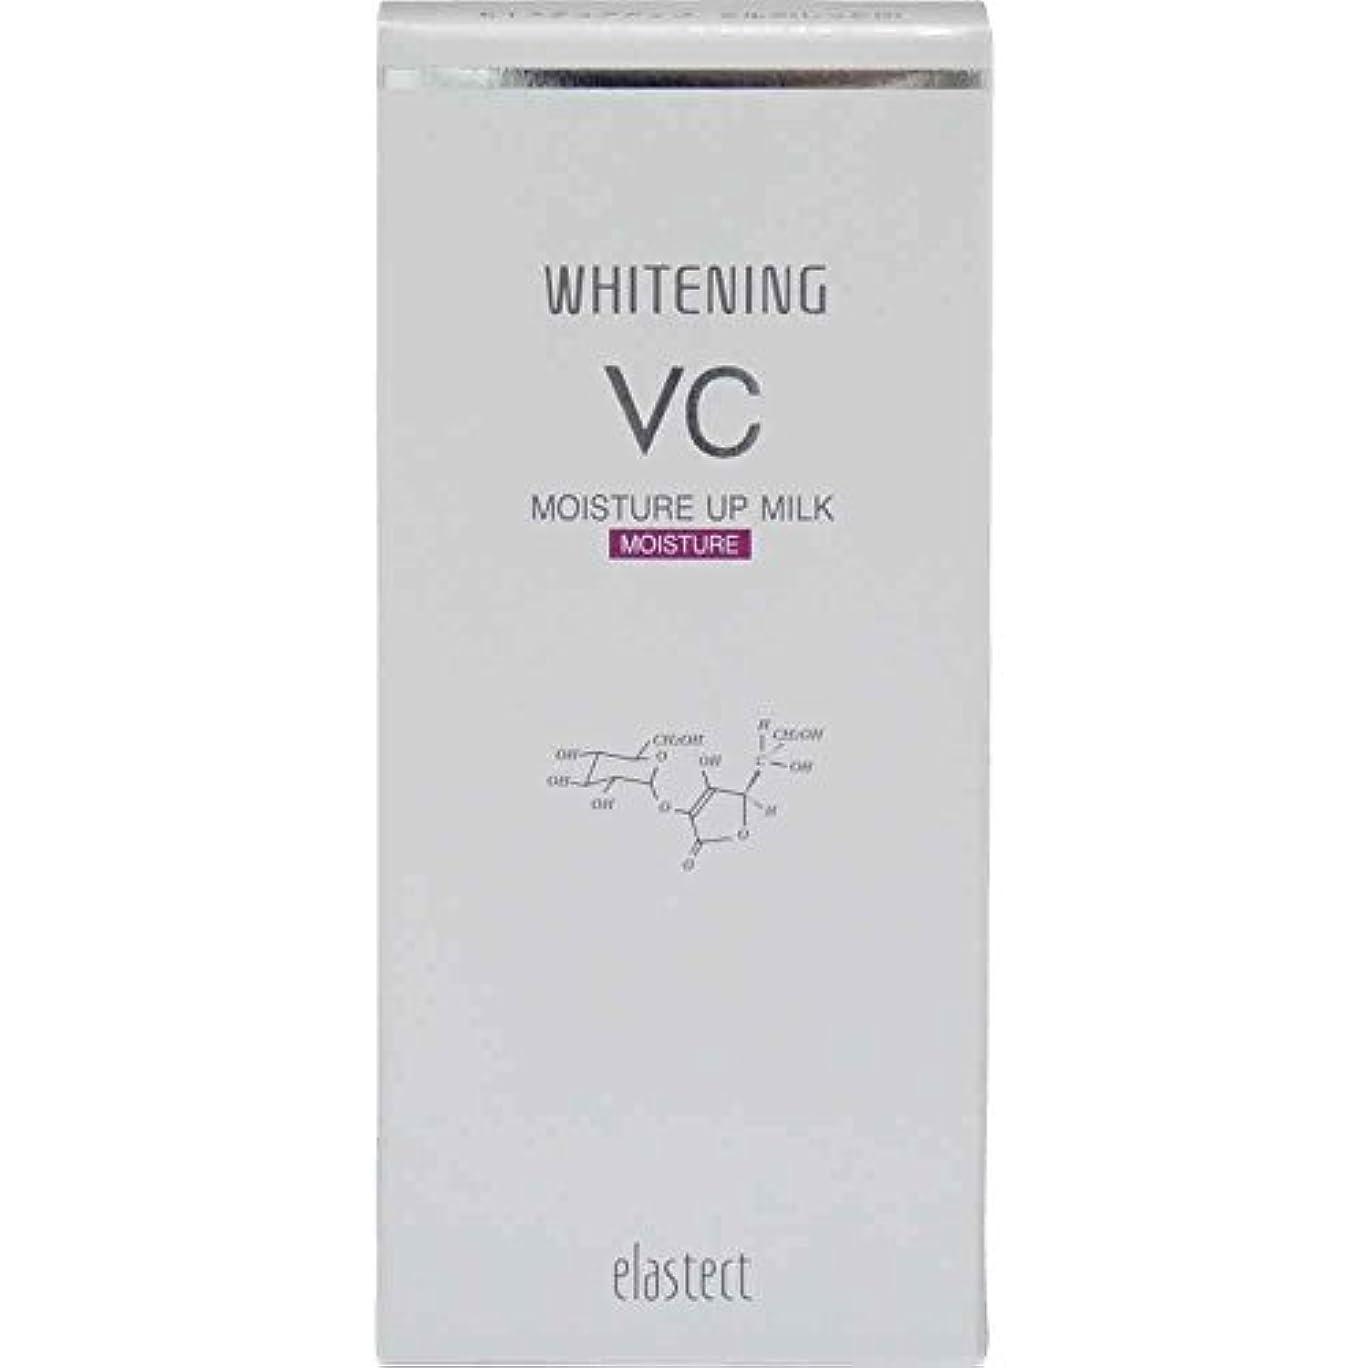 配送支援充実エラステクト ホワイトニング モイスチュアアップミルクVC(M) しっとりタイプ 120mL 【医薬部外品】